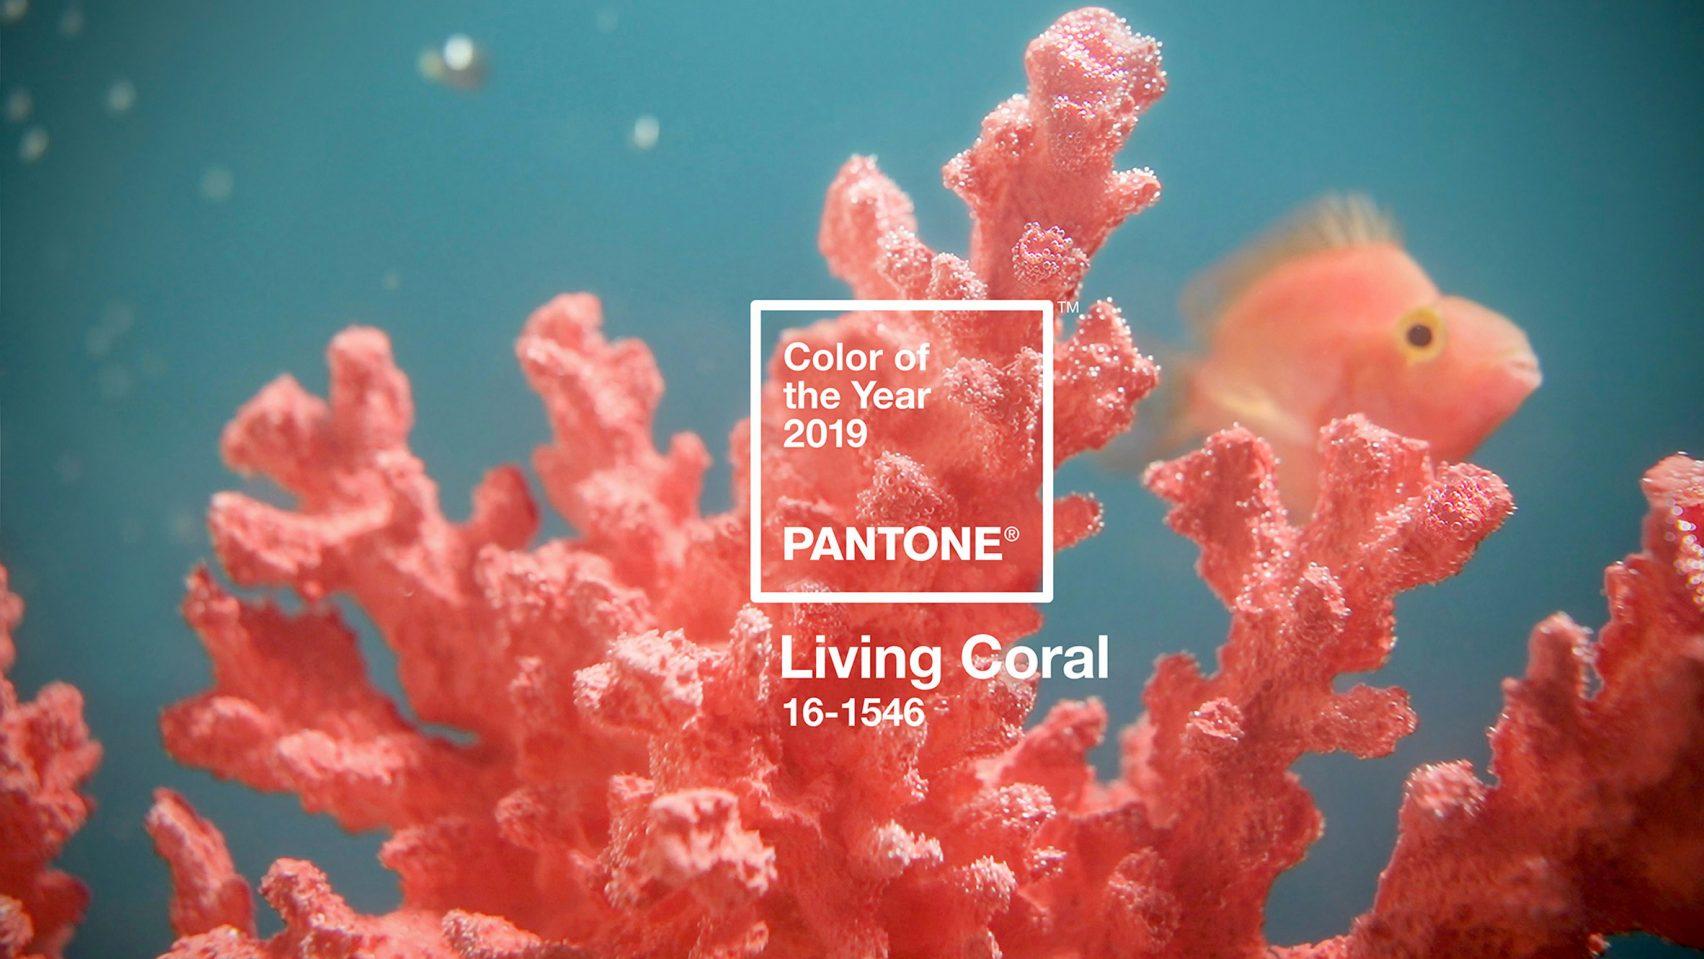 Living Coral, Pantone